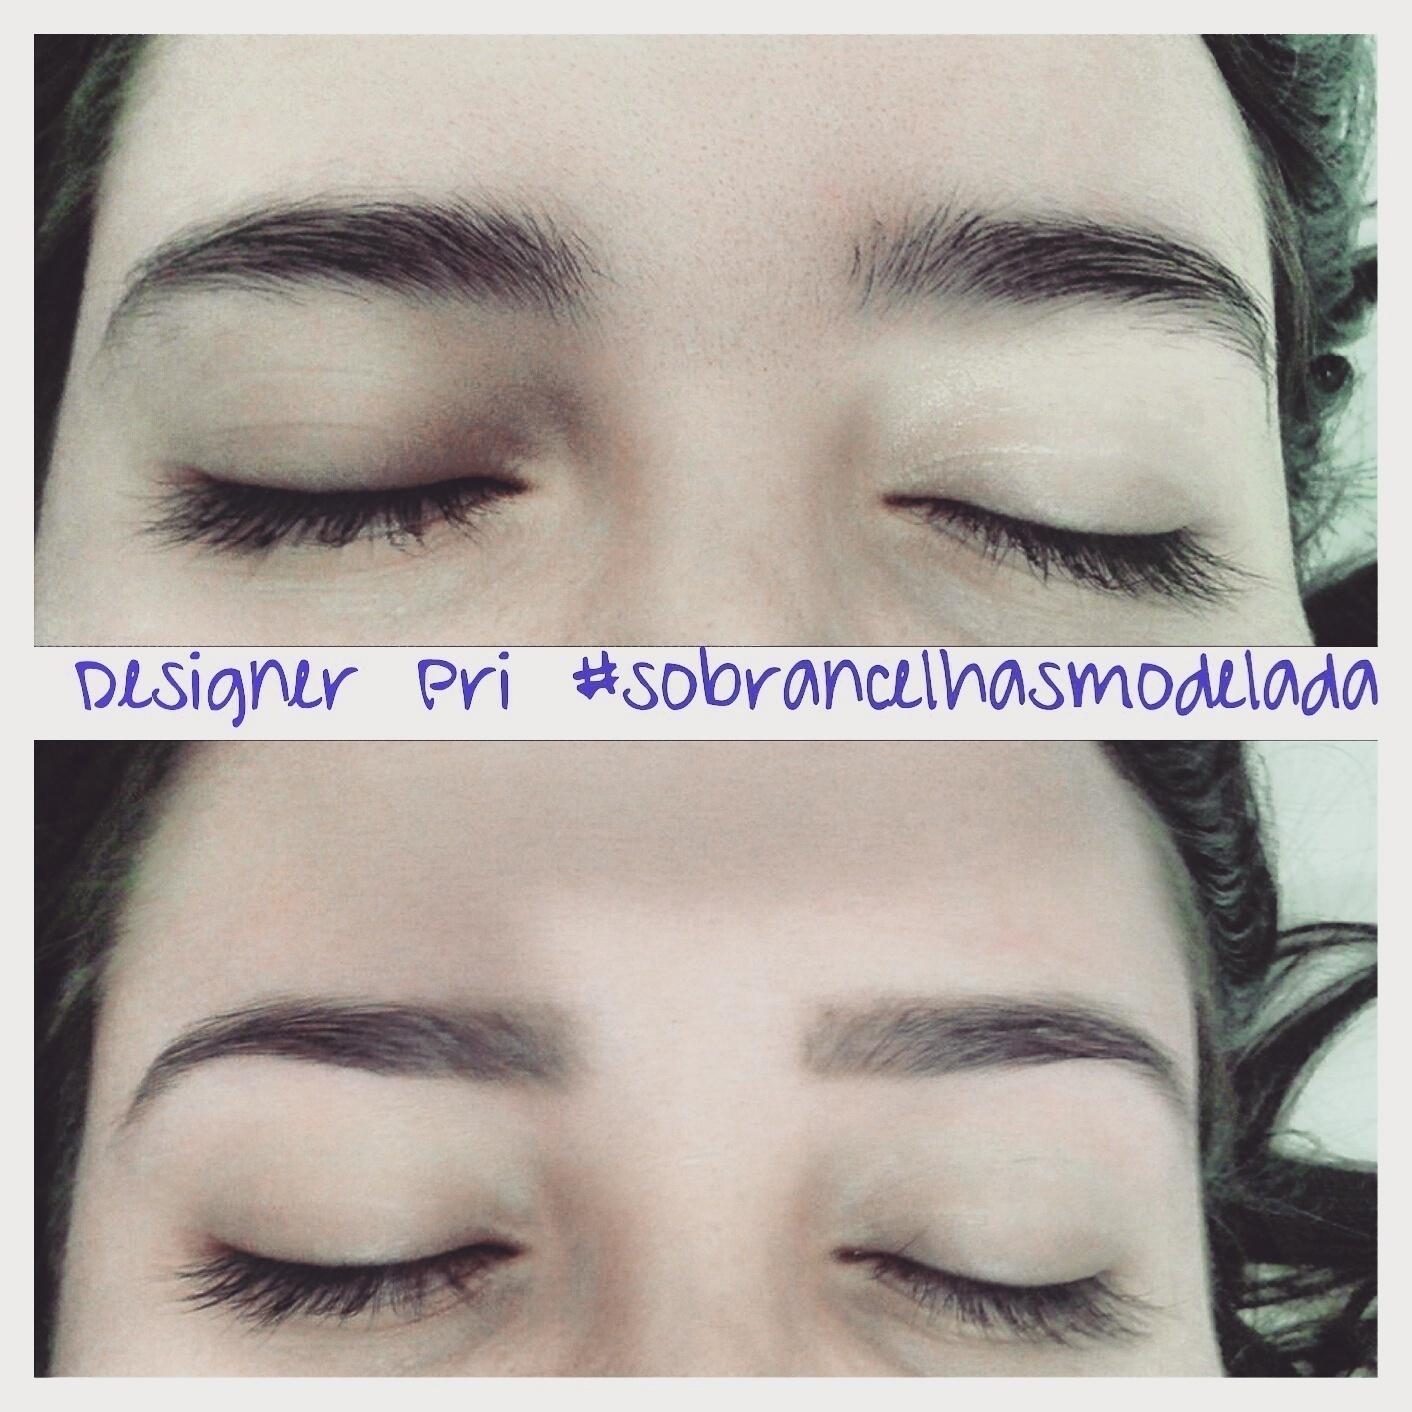 Sobrancelhas modeladas, mantendo o seu natural ! outros designer de sobrancelhas depilador(a)